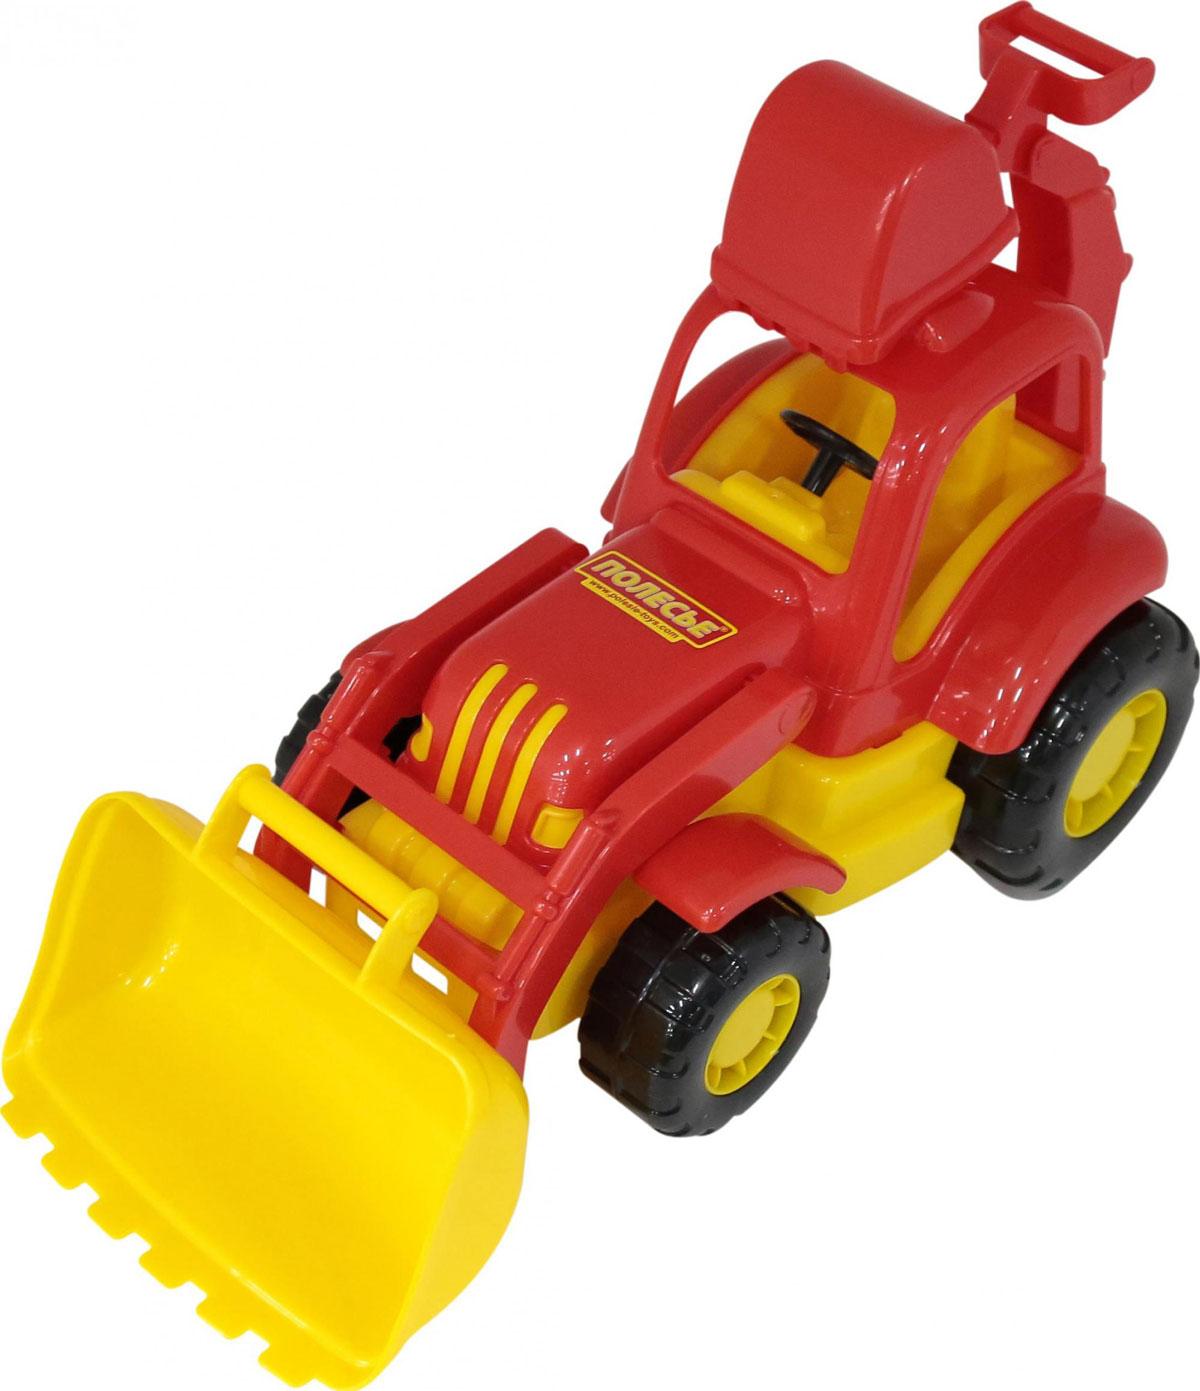 все цены на Полесье Трактор-экскаватор Силач, цвет в ассортименте онлайн